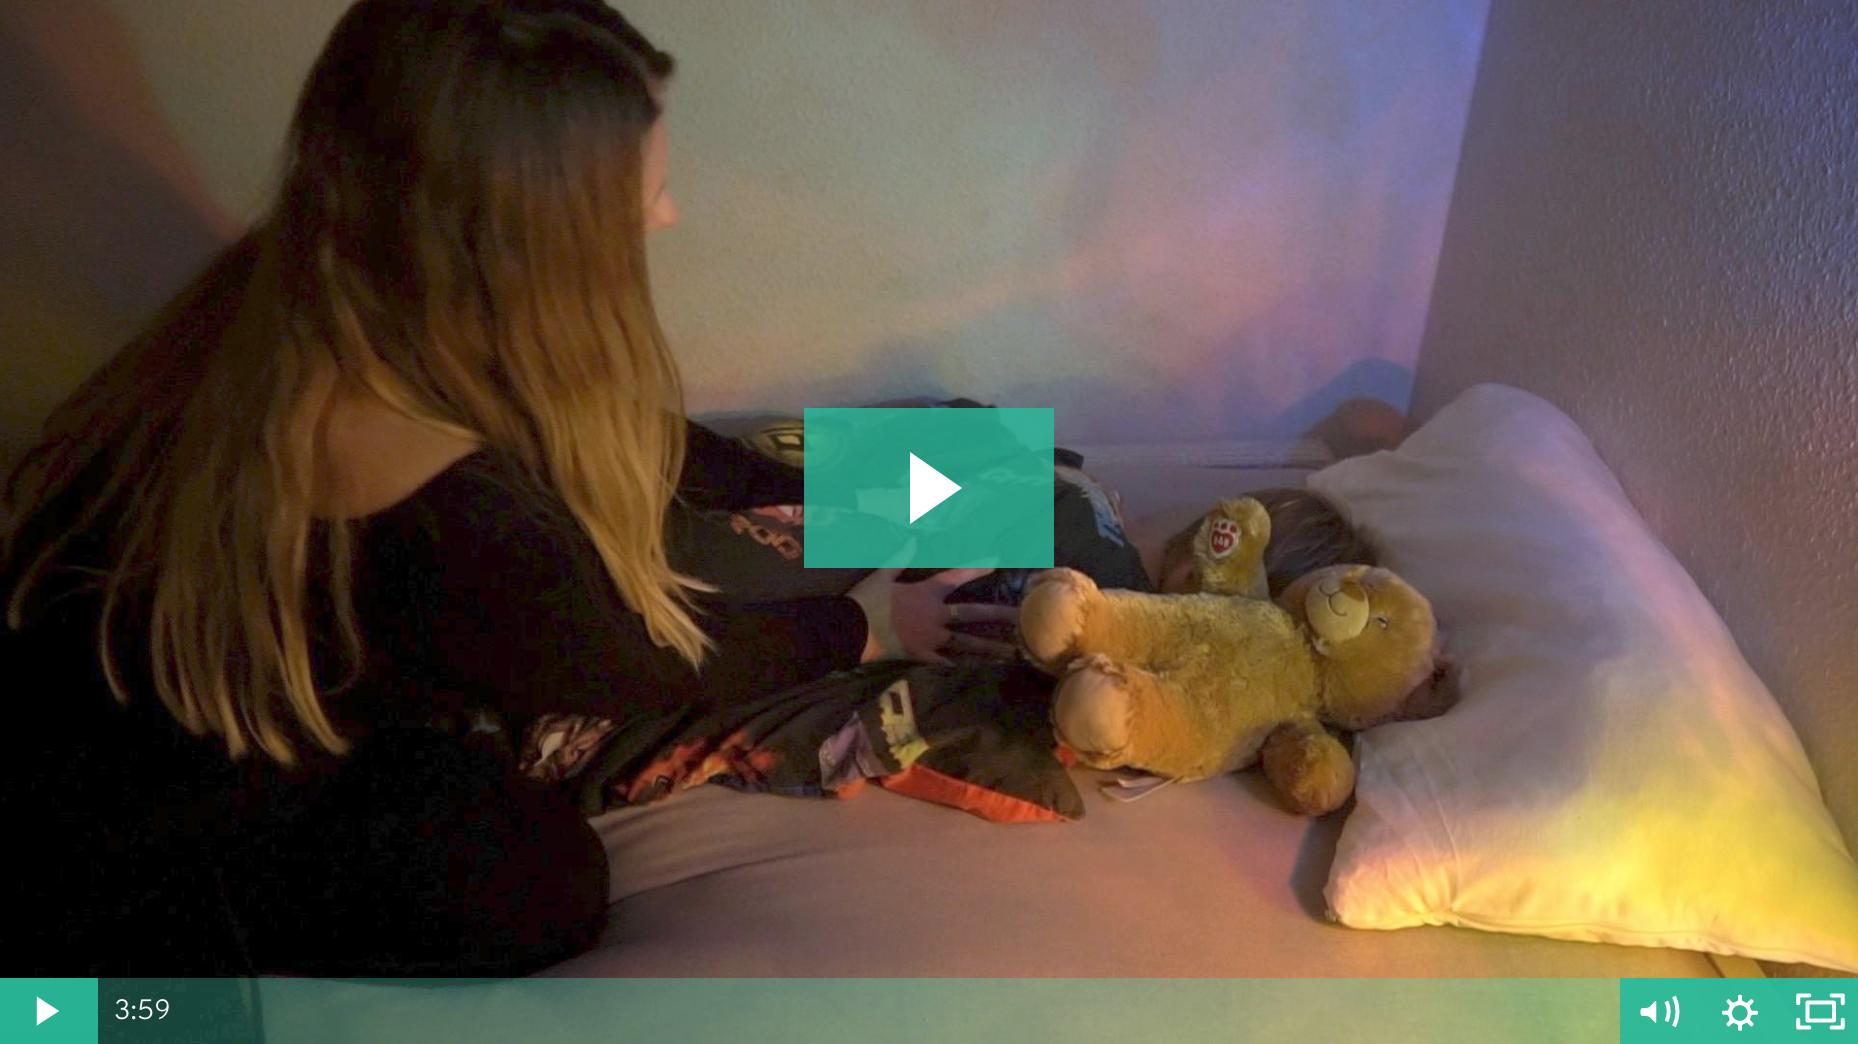 Hvordan får jeg mit barn til at sove? Sådan gør jeg det hurtigt. I videoen falder mit barn i søvn på 4 minutter.